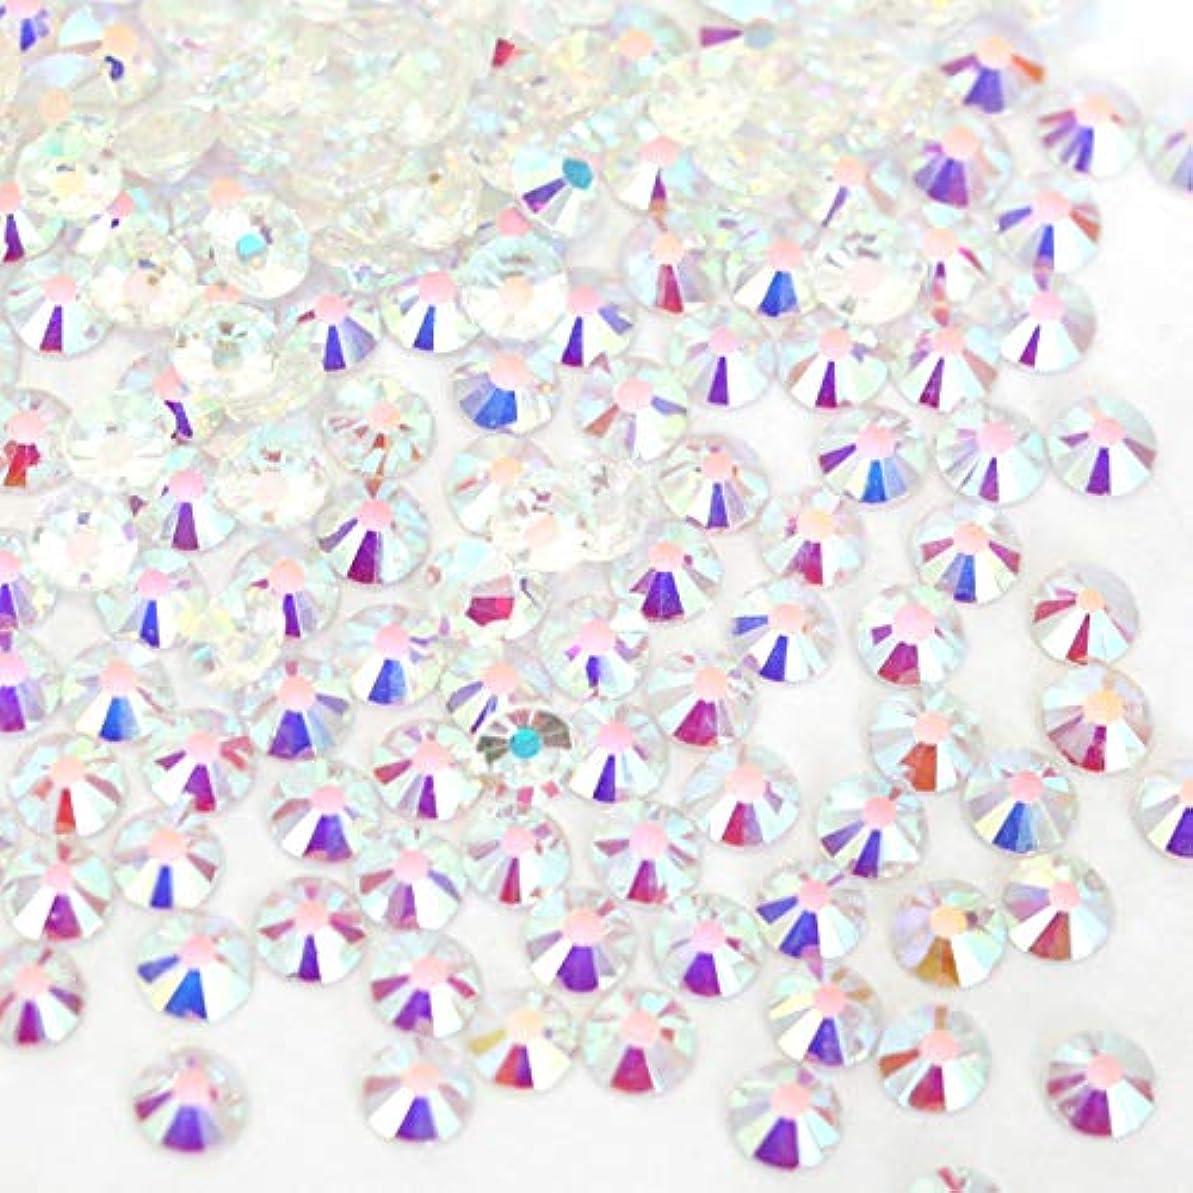 【ラインストーン77】 ガラス製ラインストーン オーロラクリスタルアンホイル(透明底)各サイズ選択可能 スワロフスキー同等 (SS12 約200粒)